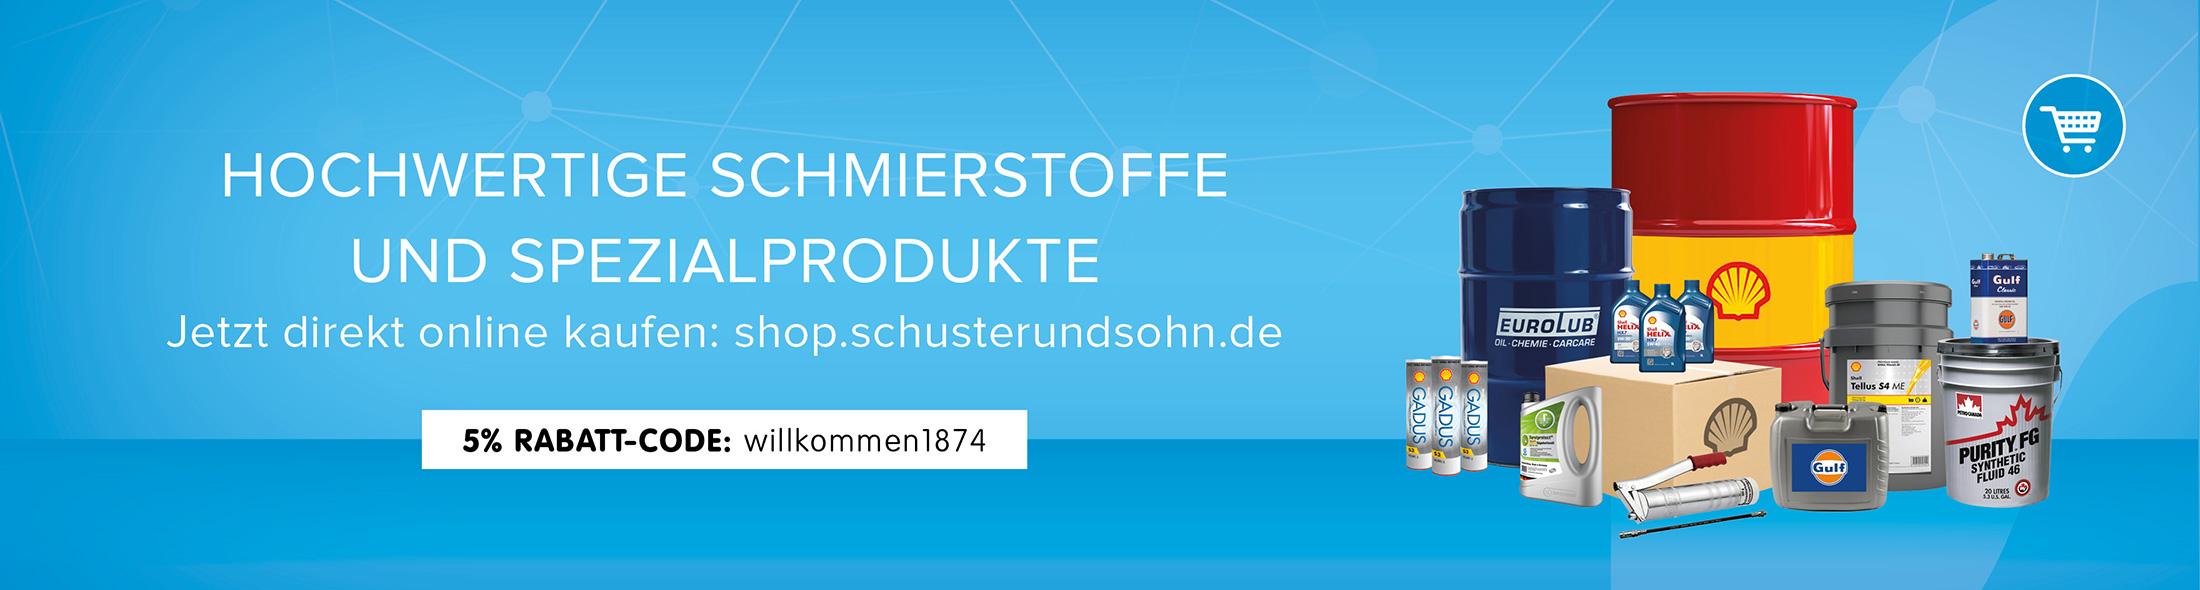 HOCHWERTIGE SCHMIERSTOFFE UND SPEZIALPRODUKTE Jetzt direkt online kaufen: shop.schusterundsohn.de